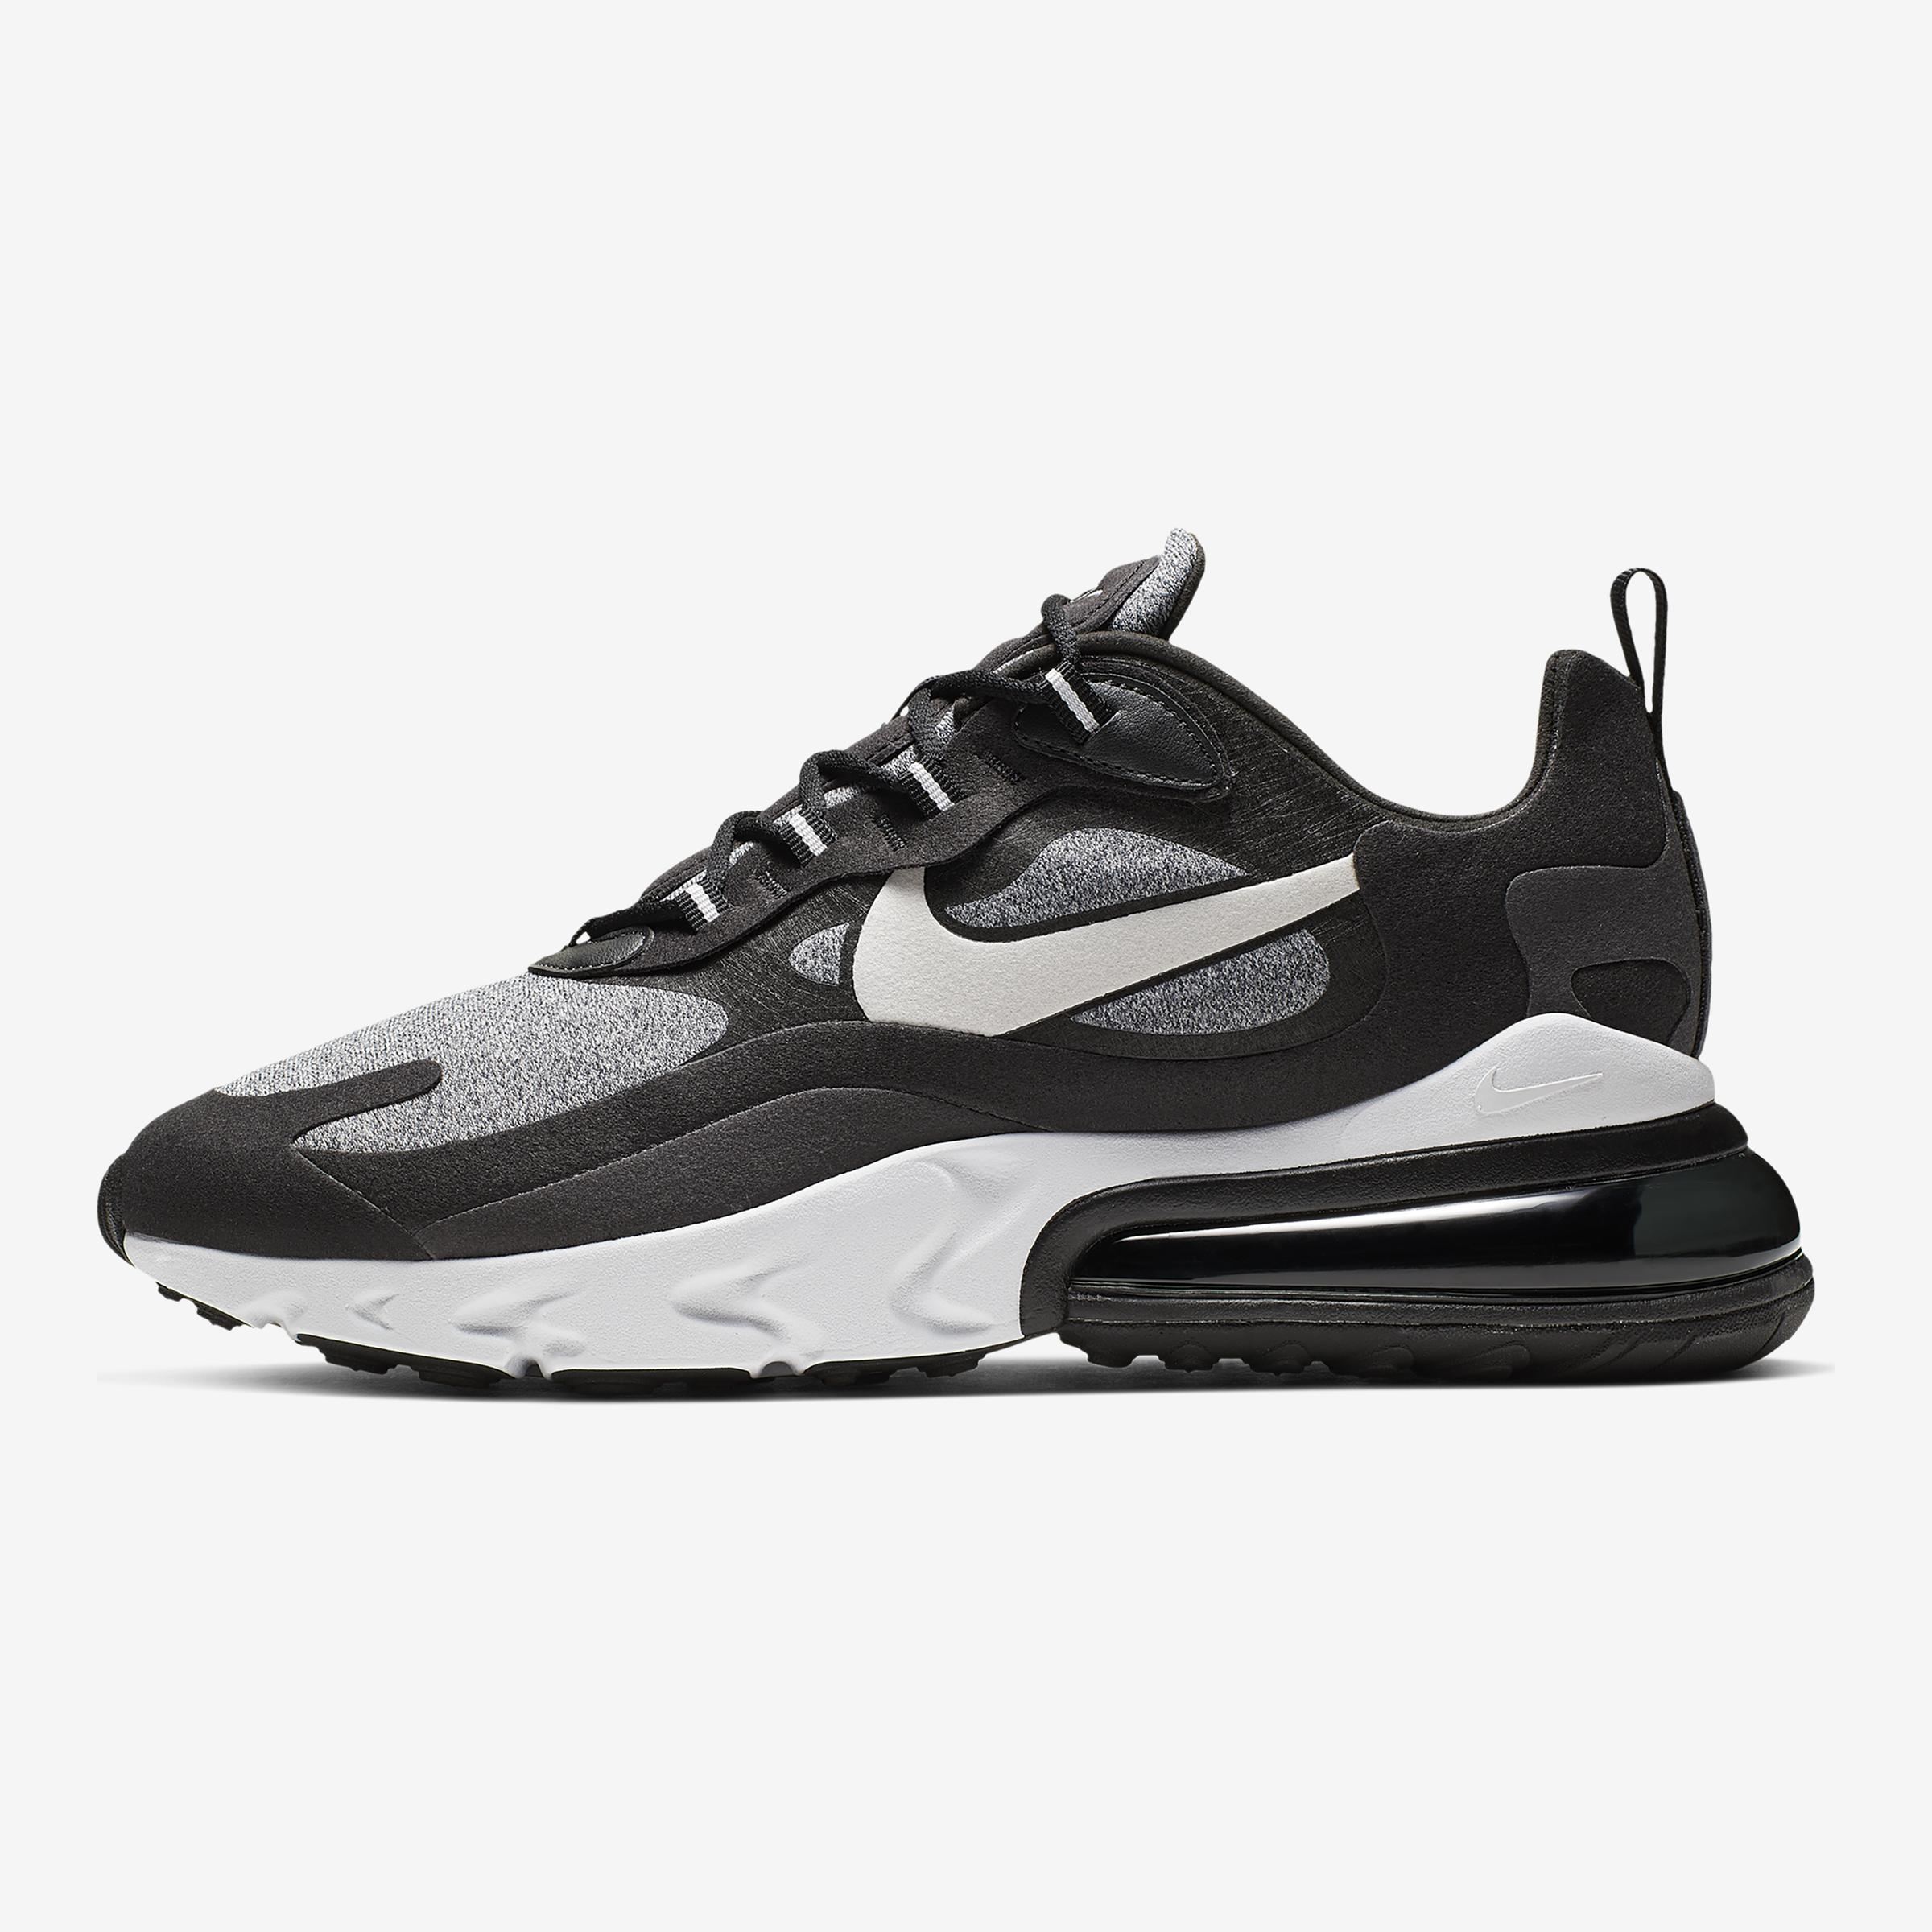 3e2520a1b8164 EbLens | Nike Air Max 270 React